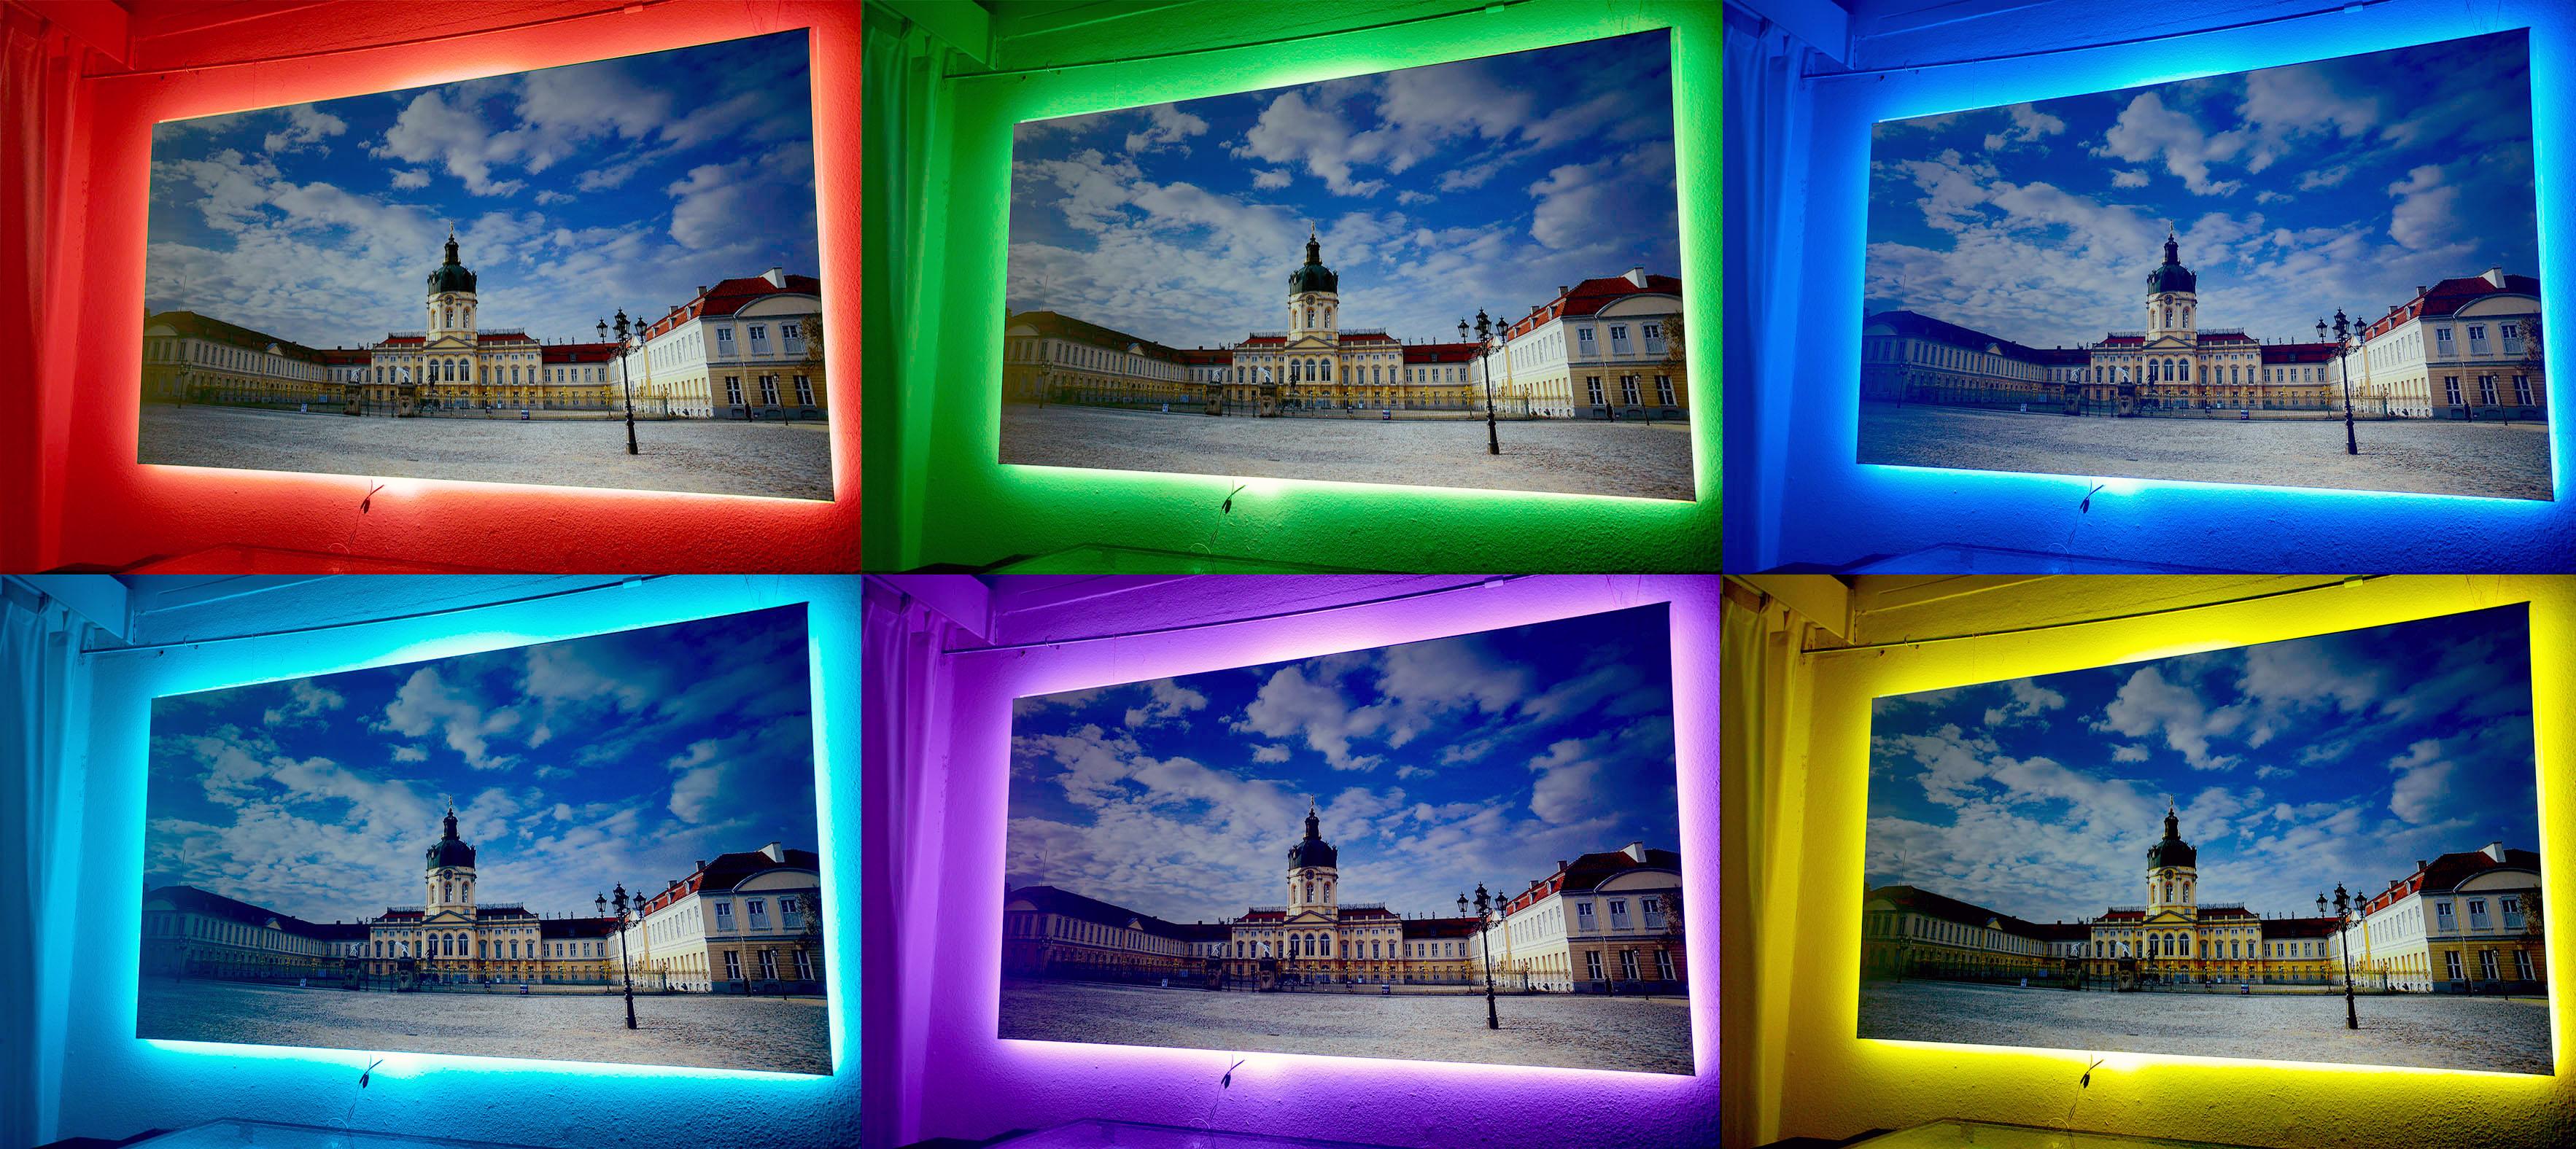 Foto: Michael B. Rehders Die farbenfrohe LED-Hintergrundbeleuchtung sorgt für den richtigen Rahmen um die rahmenlosen Elite Screens Aeon Cinegrey 3D.